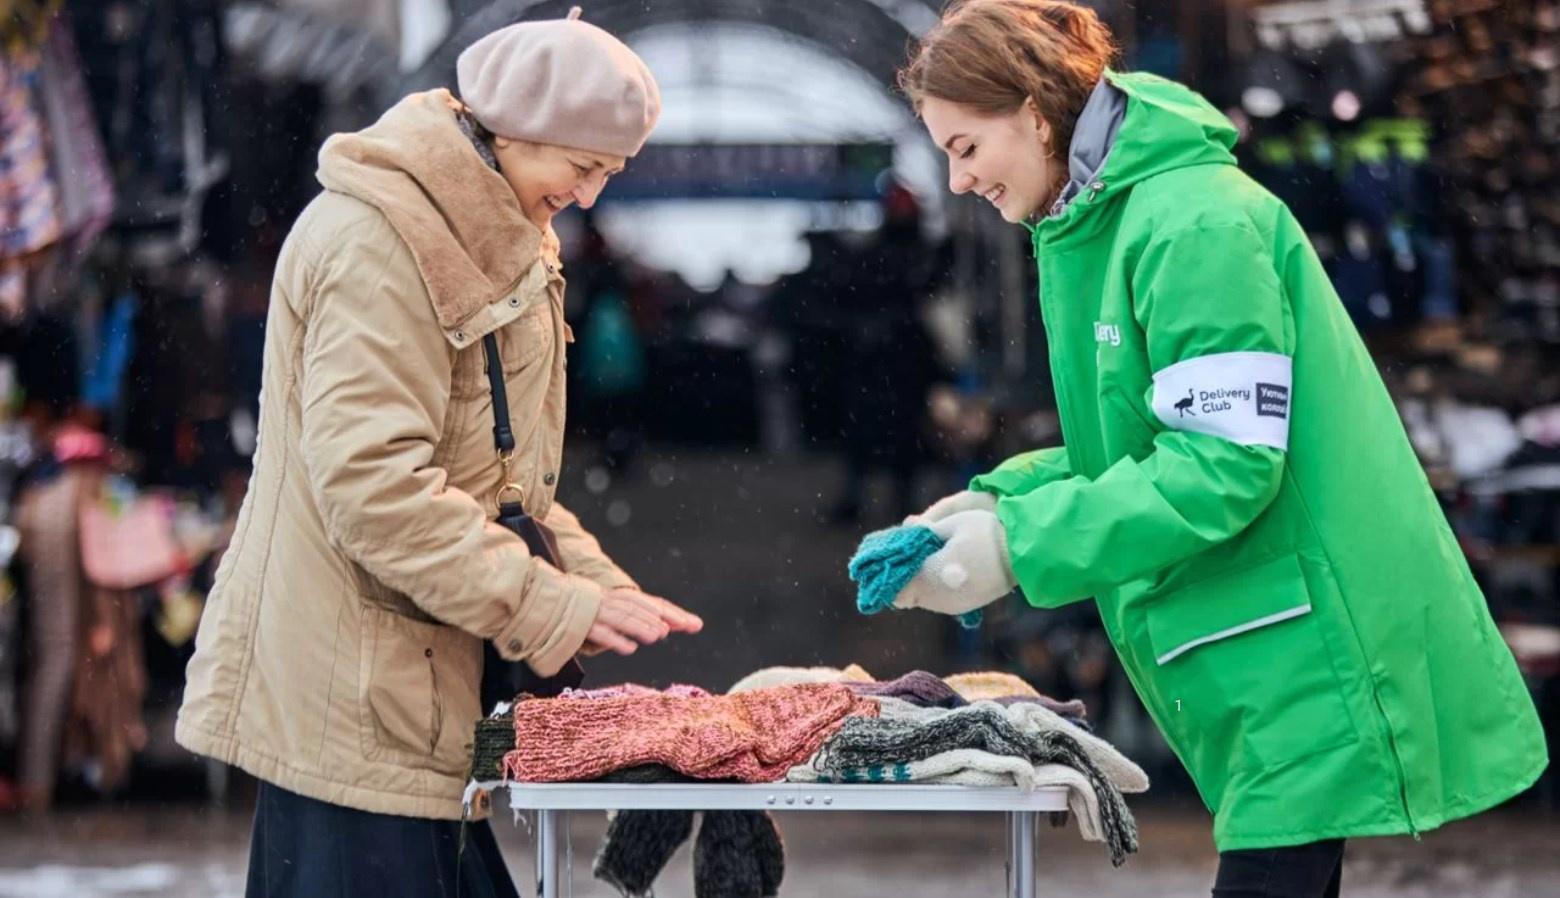 Delivery Club планирует скупить вязаные вещи убабушек — поддержать пенсионеров иутеплить своих курьеров